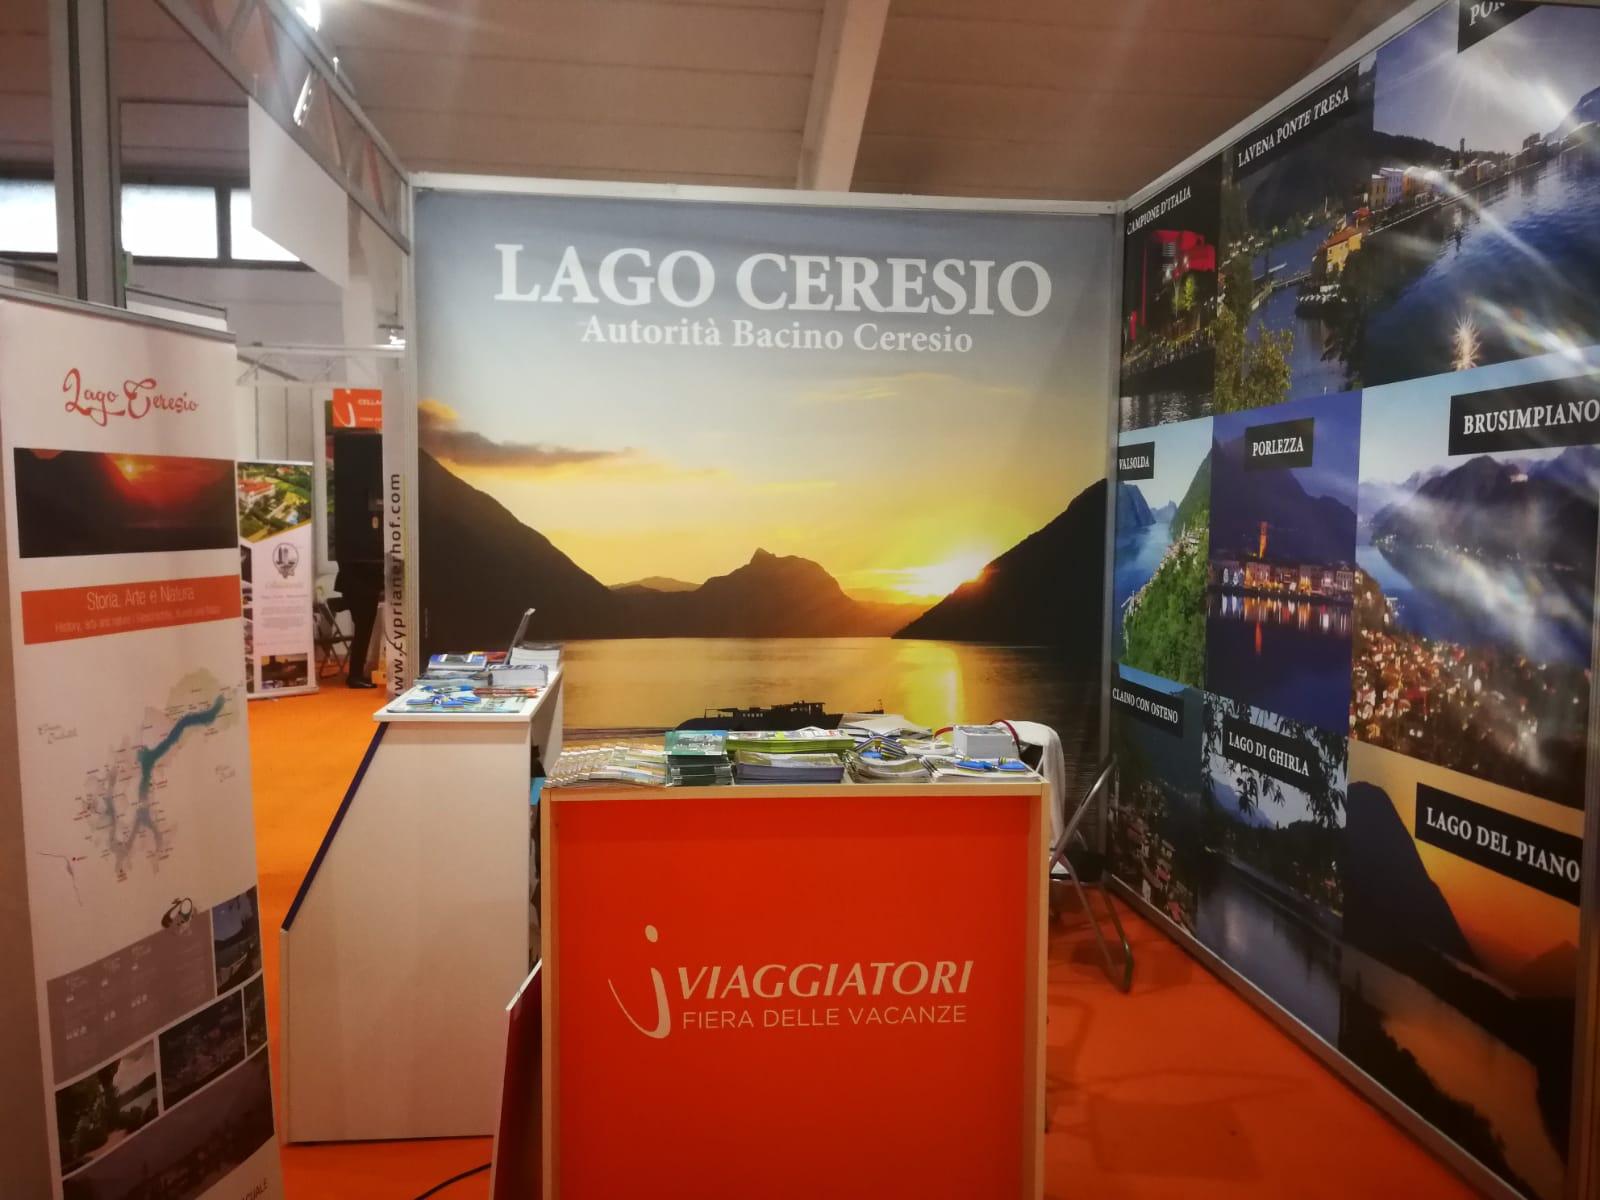 Salone dei Viaggiatori Lugano: il lago Ceresio è in mezzo al mondo